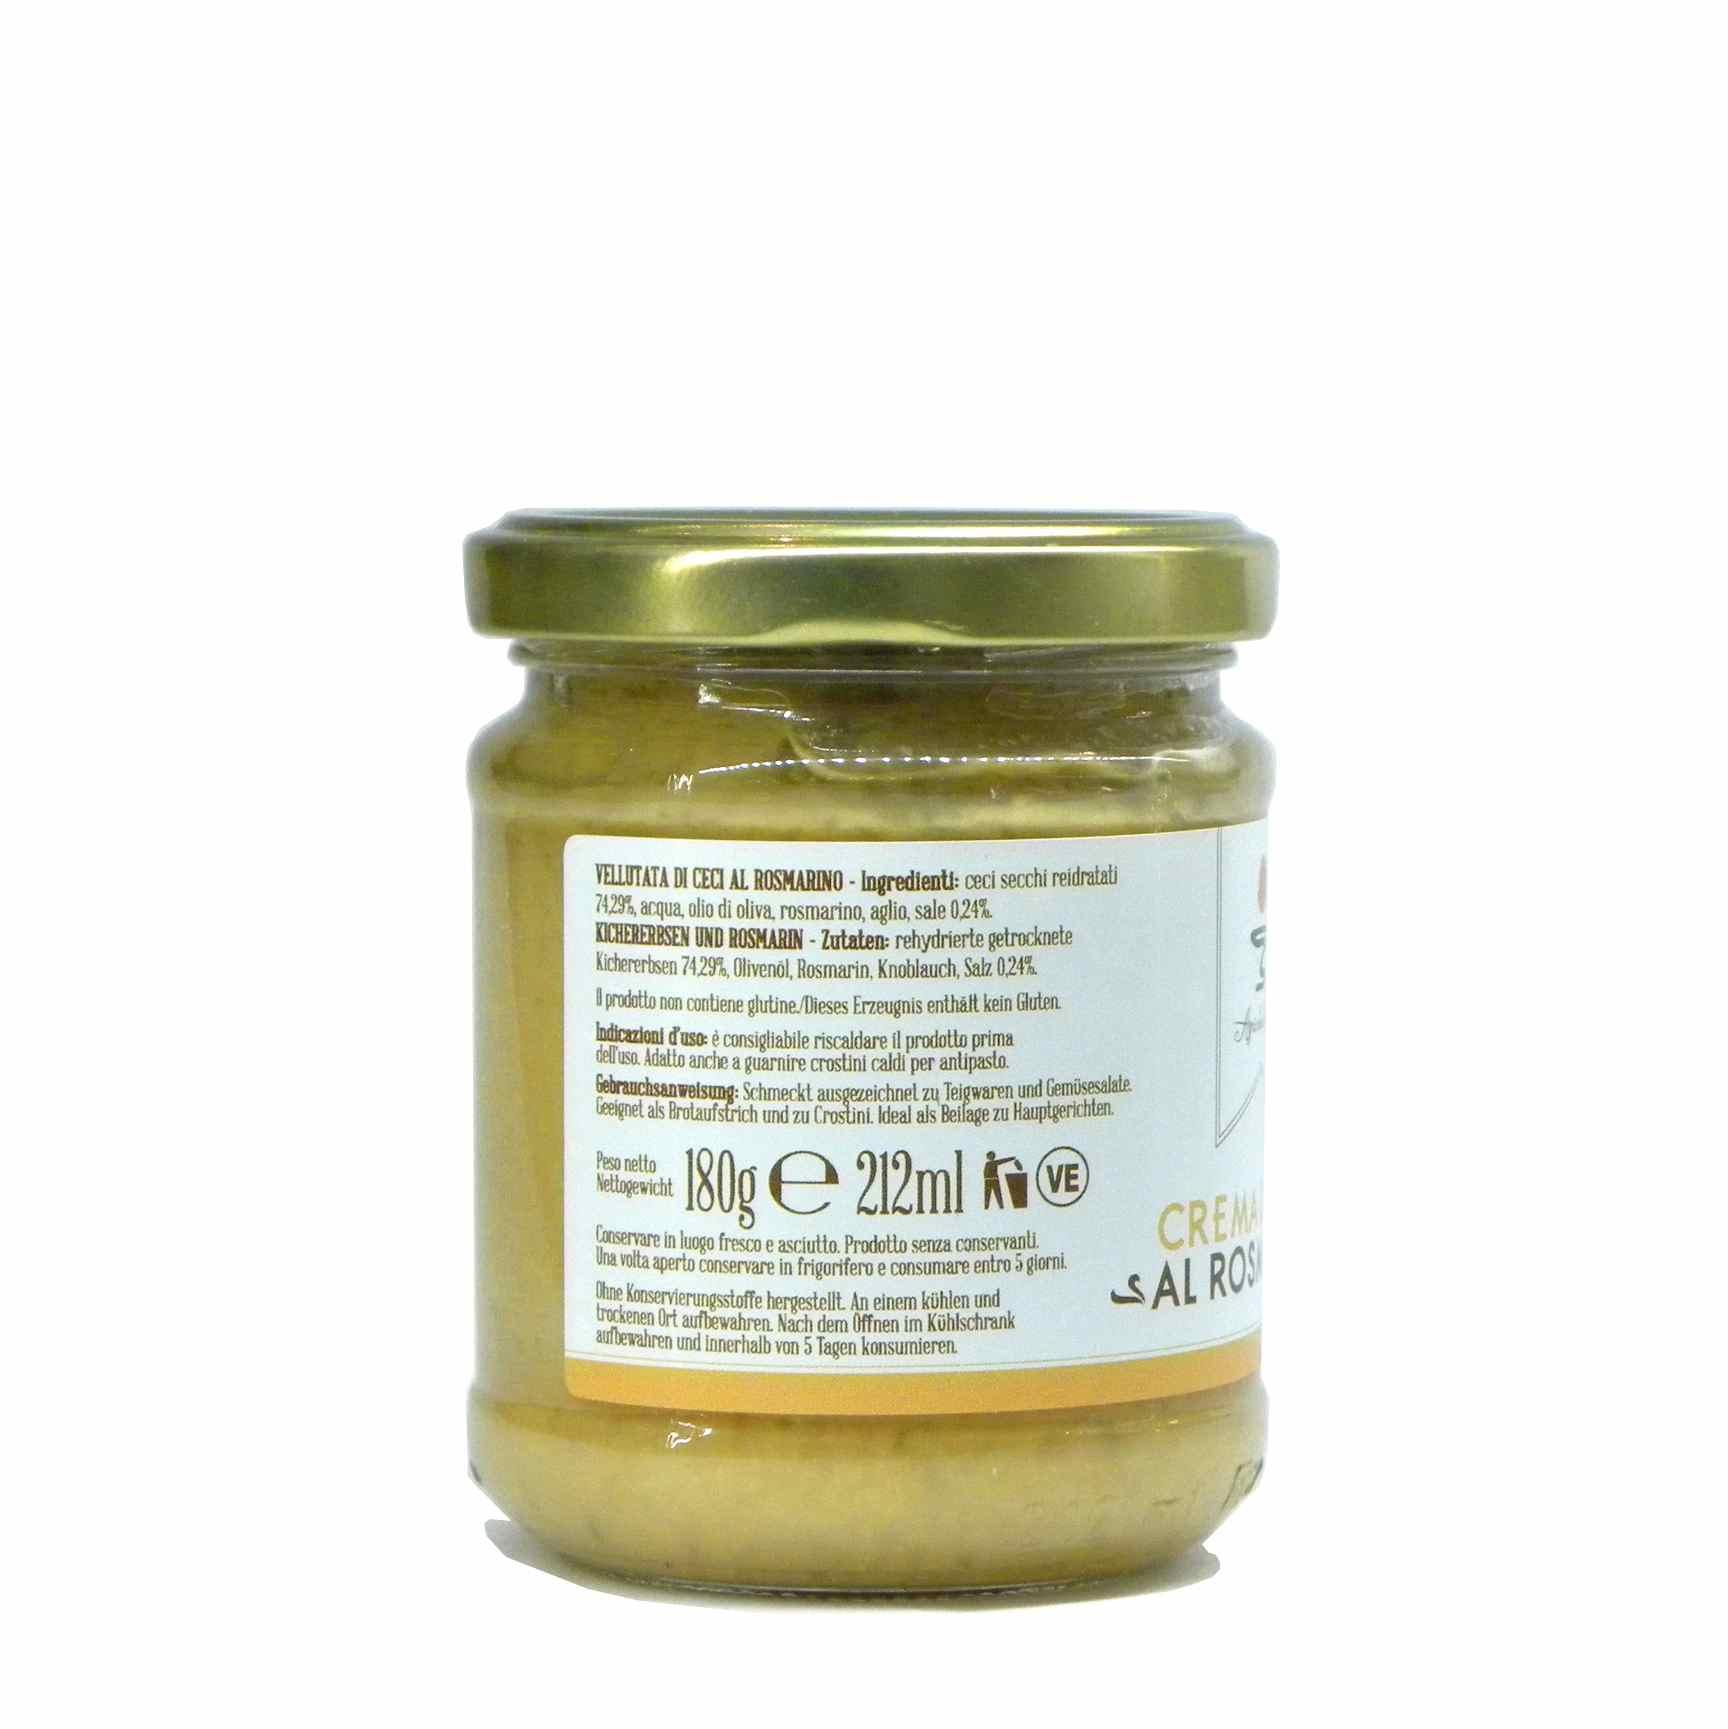 Agricola del Sole chick peas cream velvet – Agricola del Sole Crema ceci rosmarino – Gustorotondo – Italian food boutique